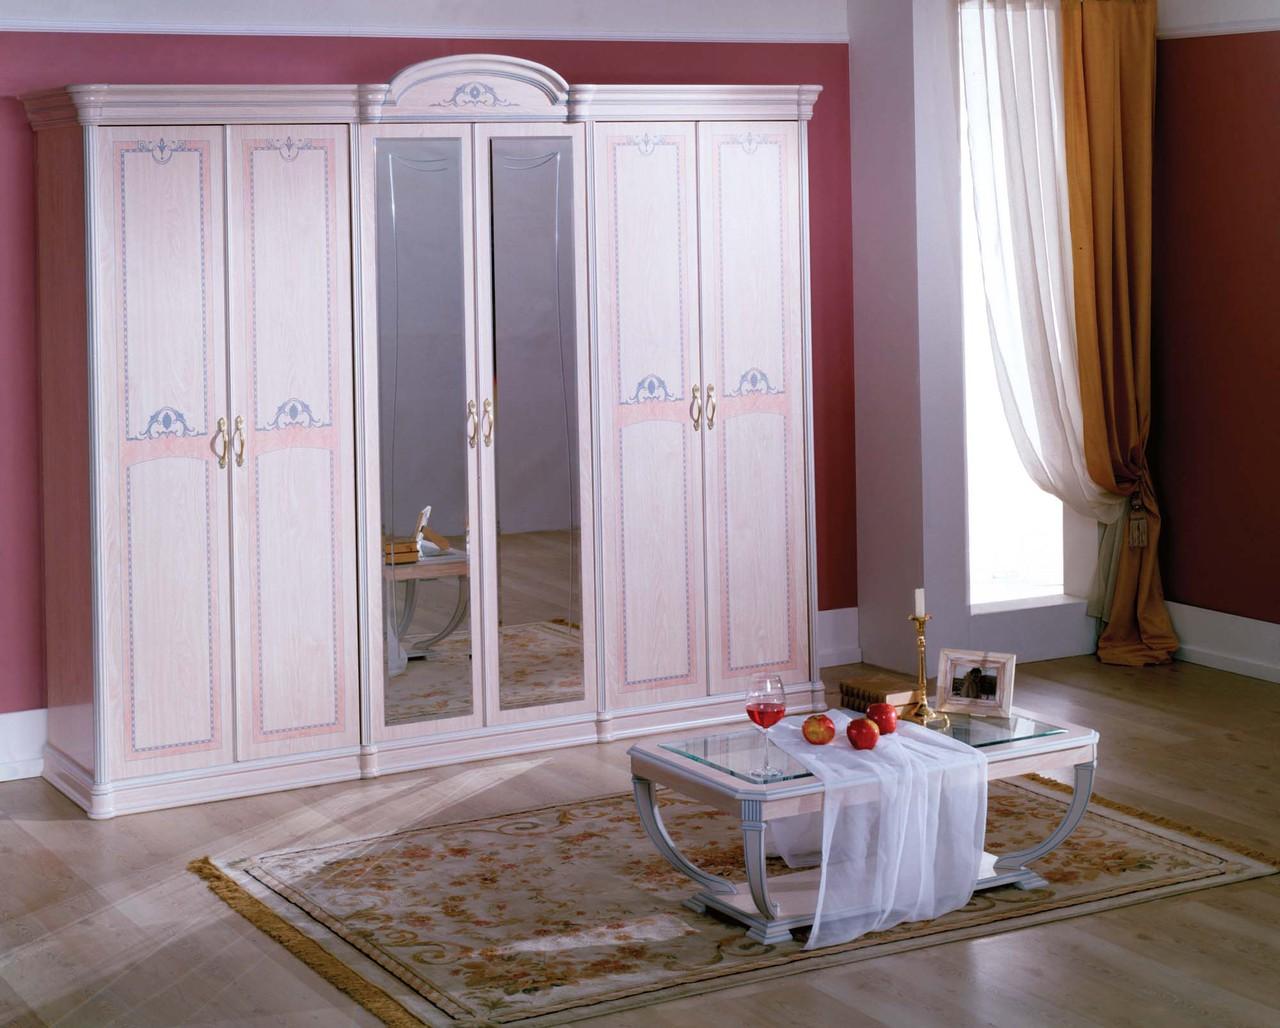 Продажа офисной мебели и торгового оборудования г.десногорск.